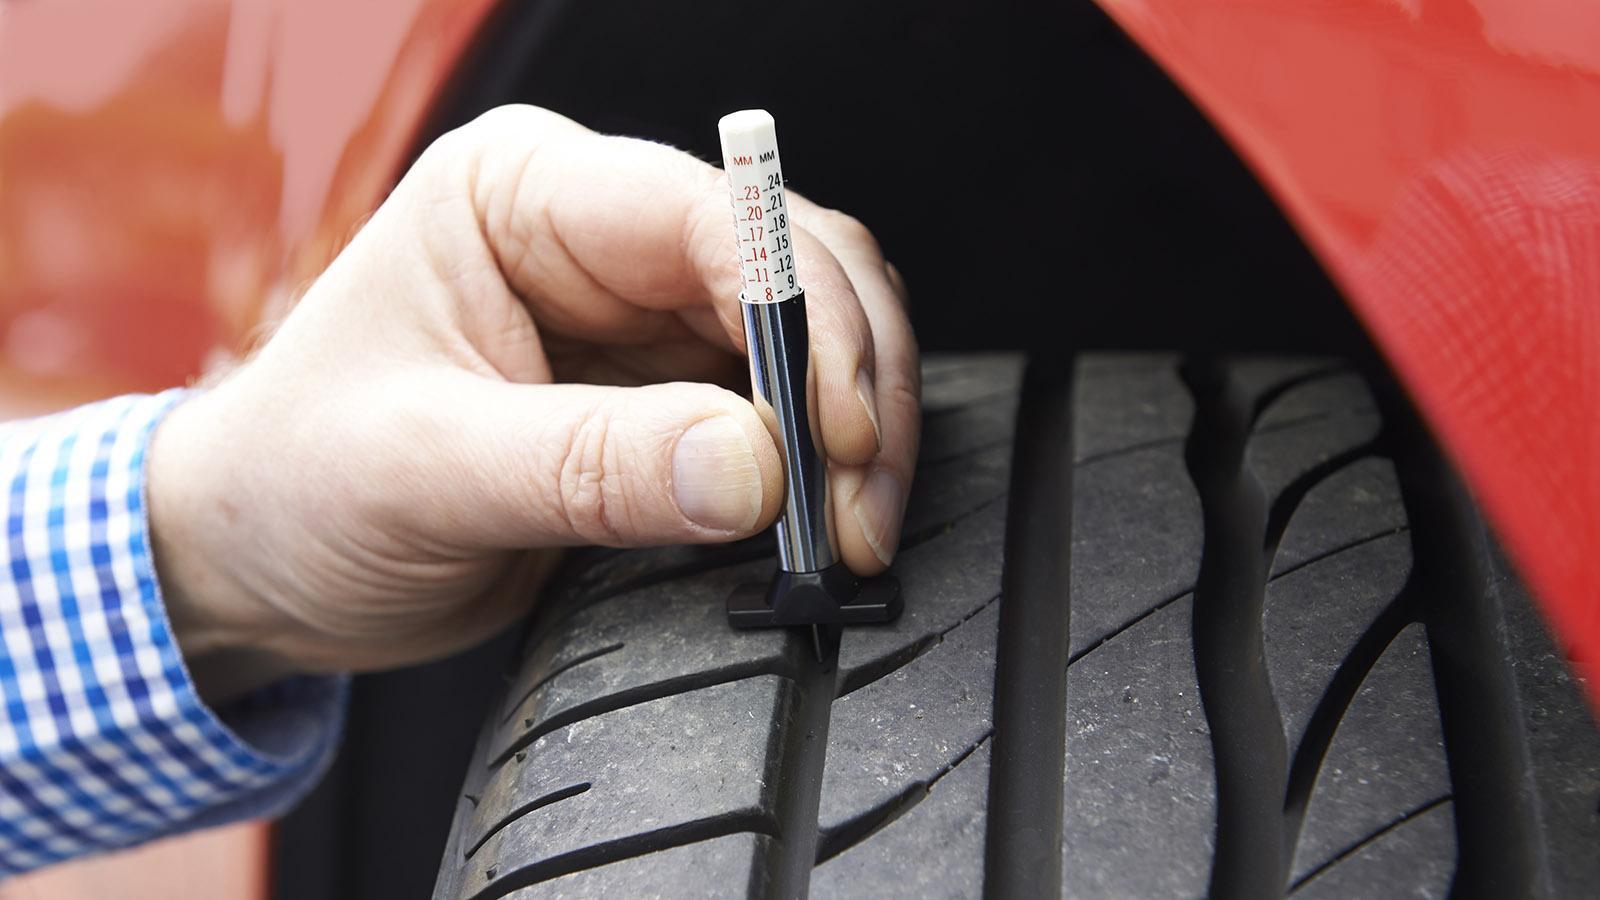 هذا ما يجب القيام به للحفاظ على سلامة عجلات سيارتك